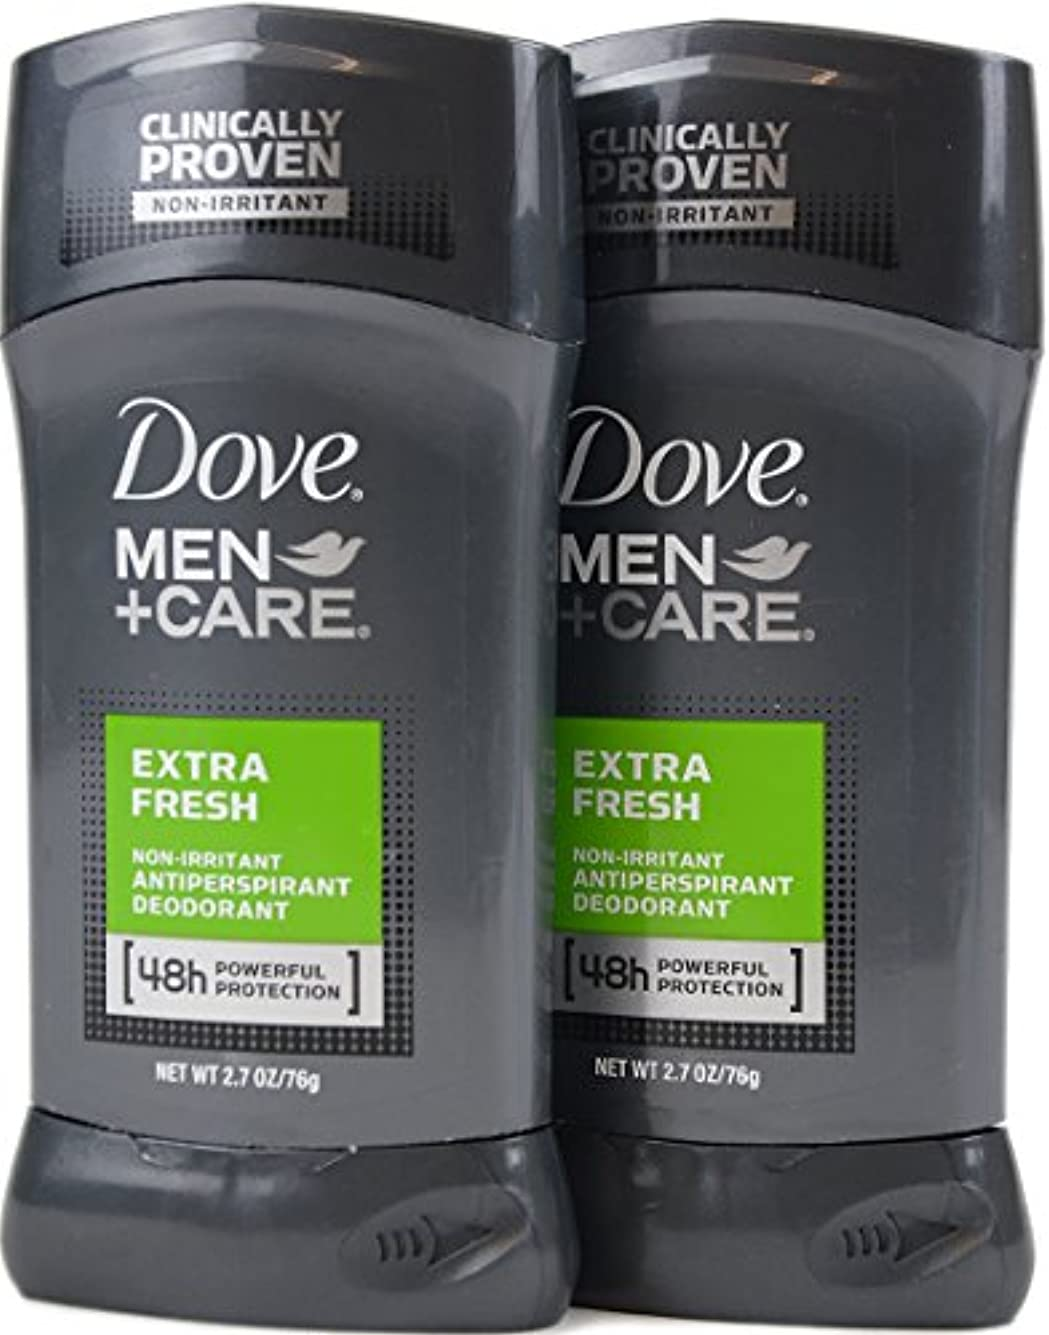 責め安全でない撤退Dove Men+Care ダヴ メンズ 固形デオドラント スティック エクストラ フレッシュ 76g×2個[並行輸入品]